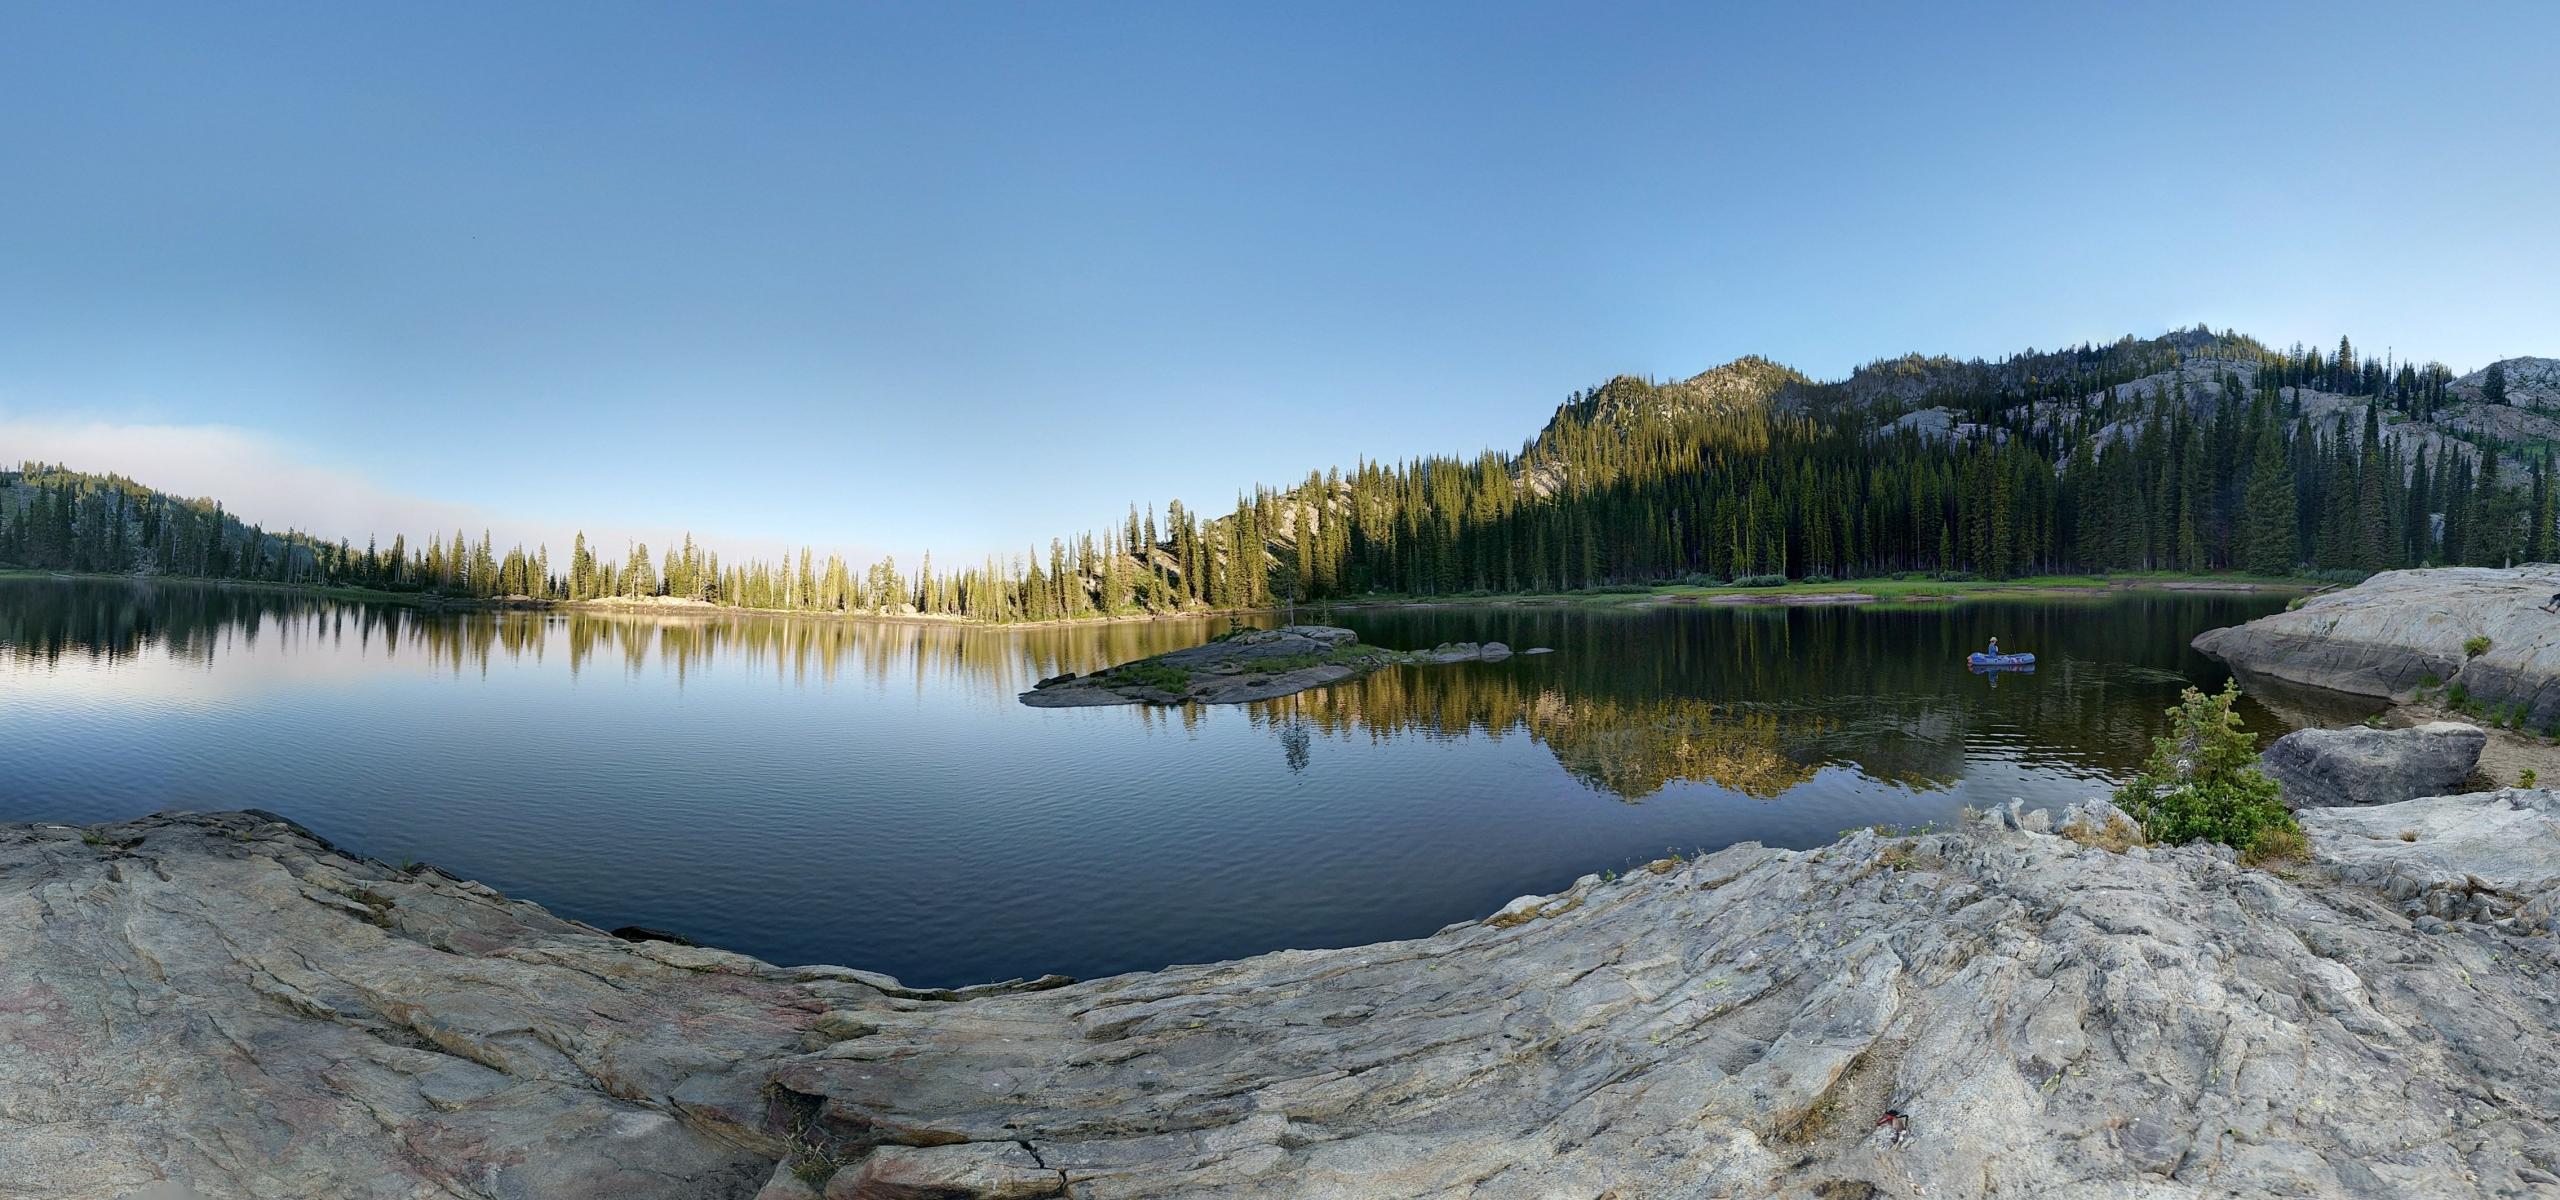 Blue Lake near Cascade Idaho at sunset